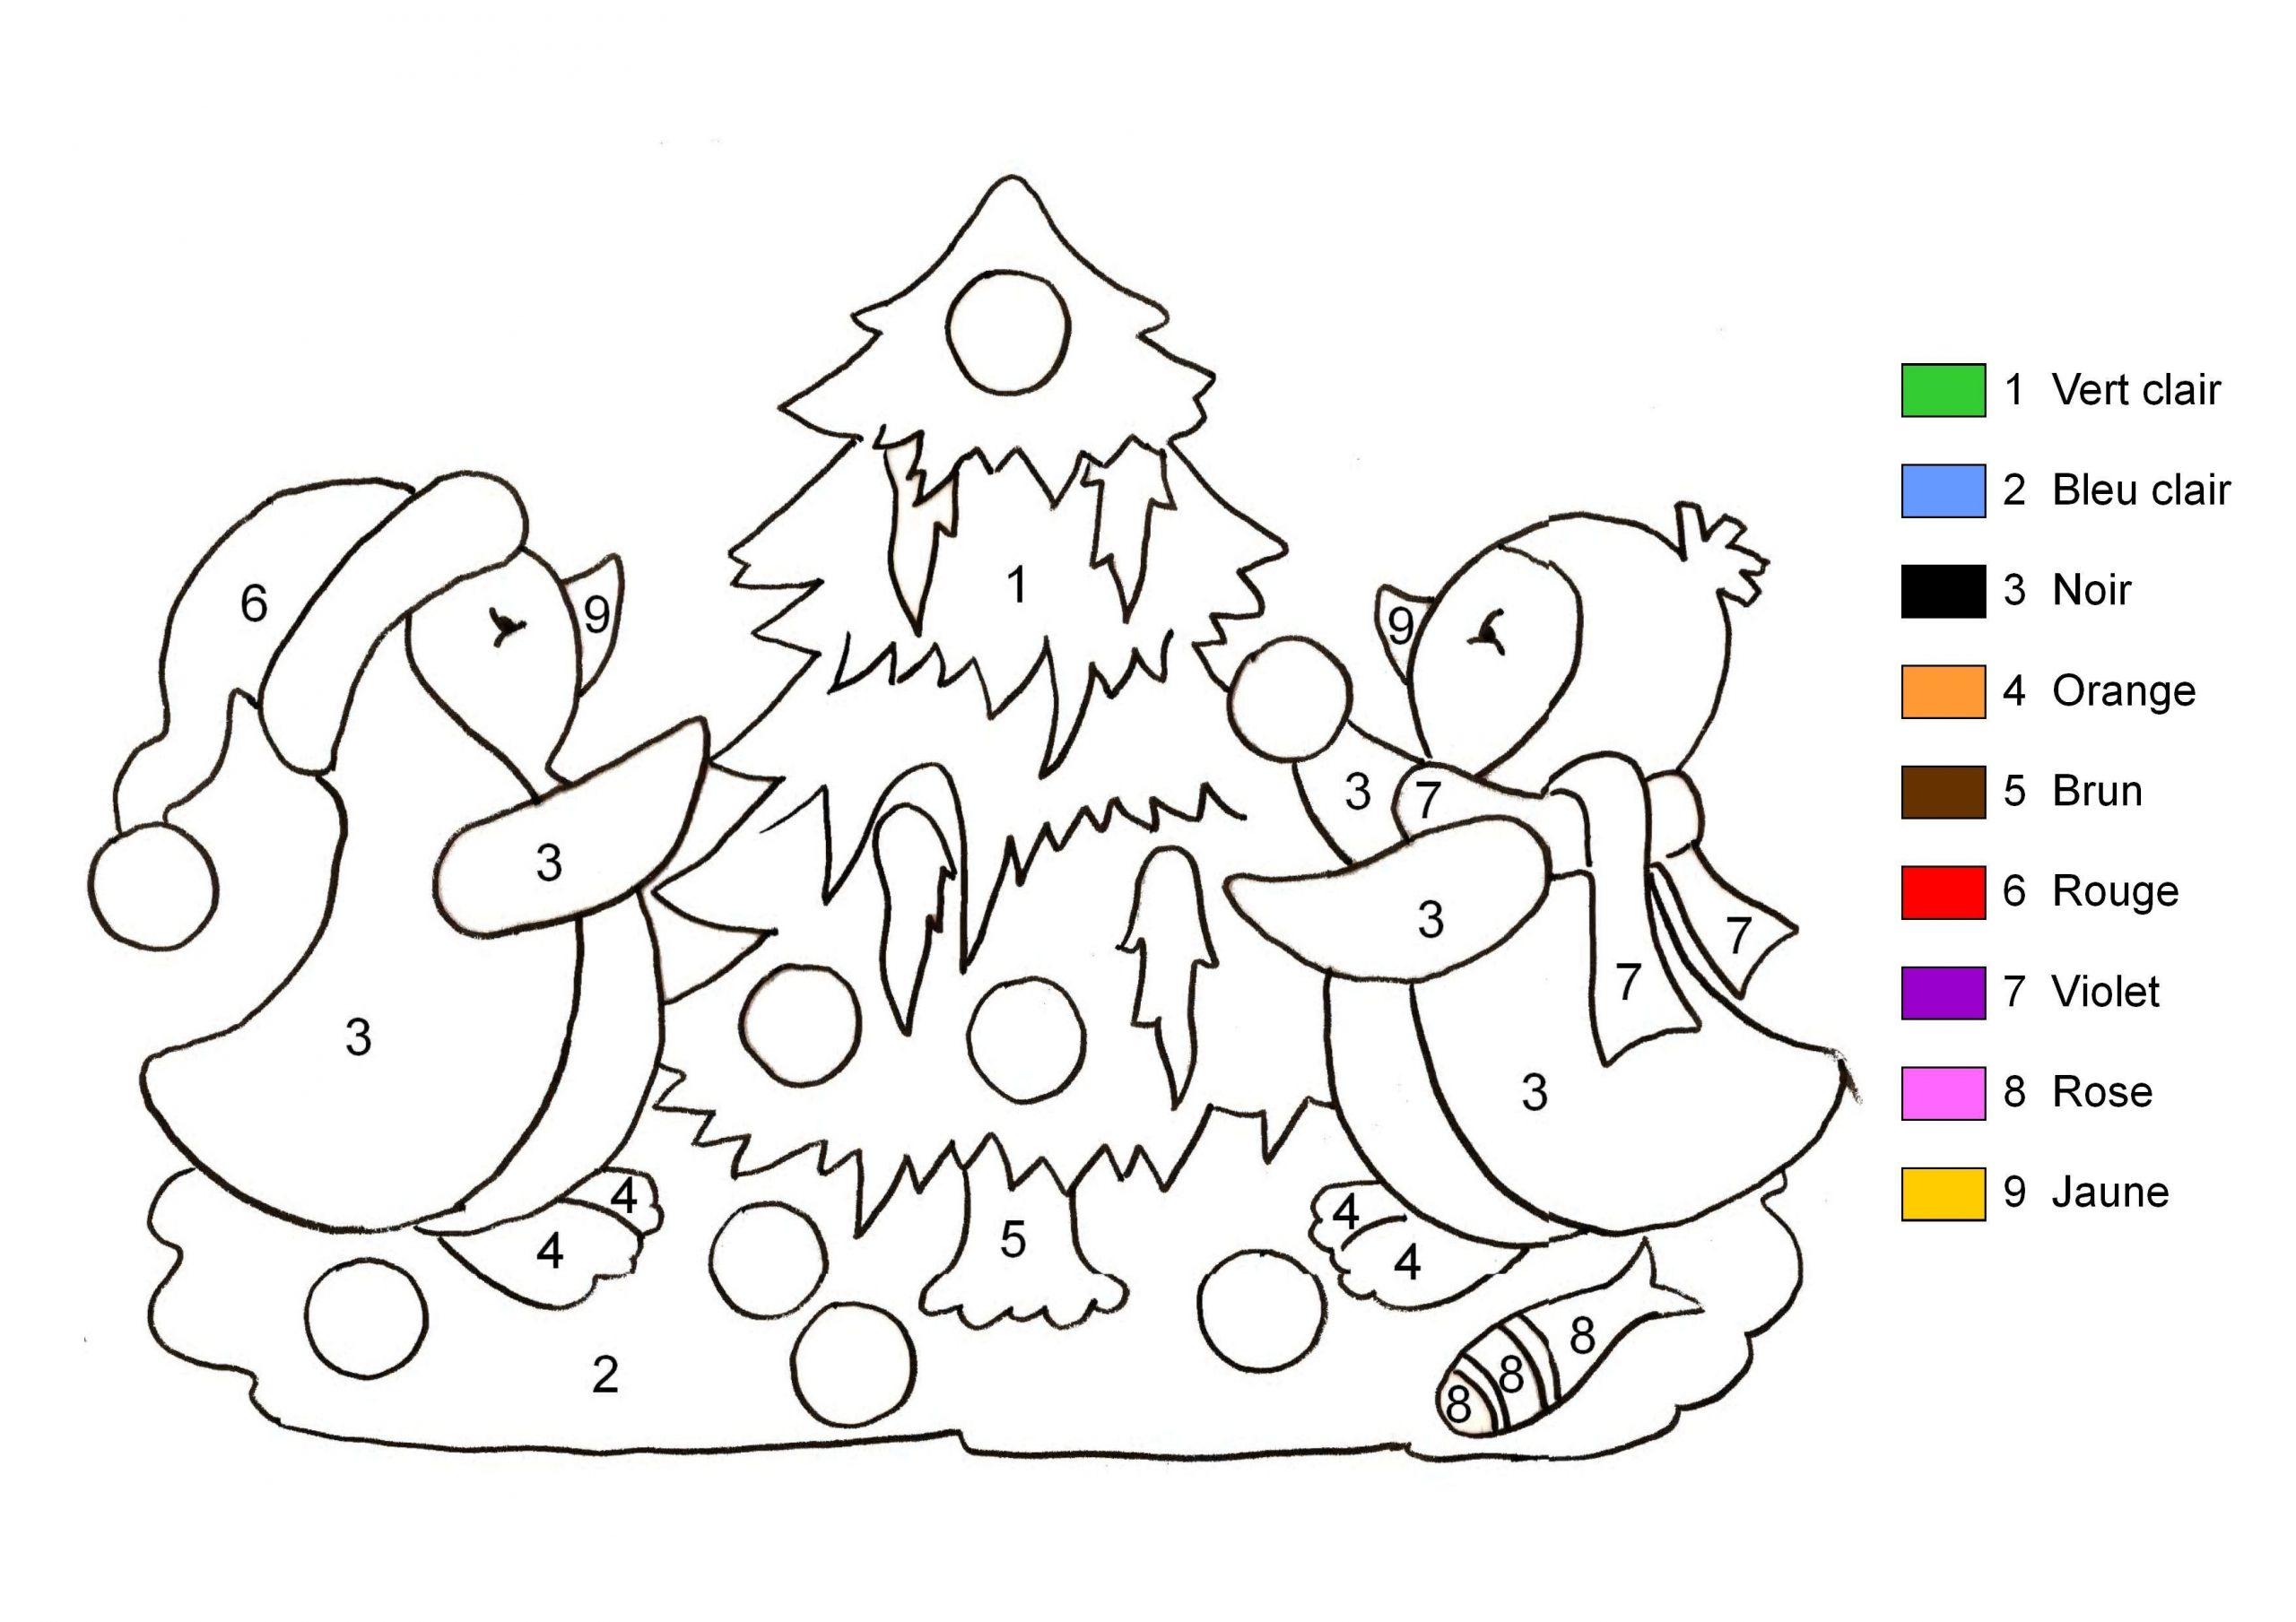 Imprimer Coloriage Noel | Coloriage | Pinterest | Coloriage dedans Coloriage De Chat De Noel